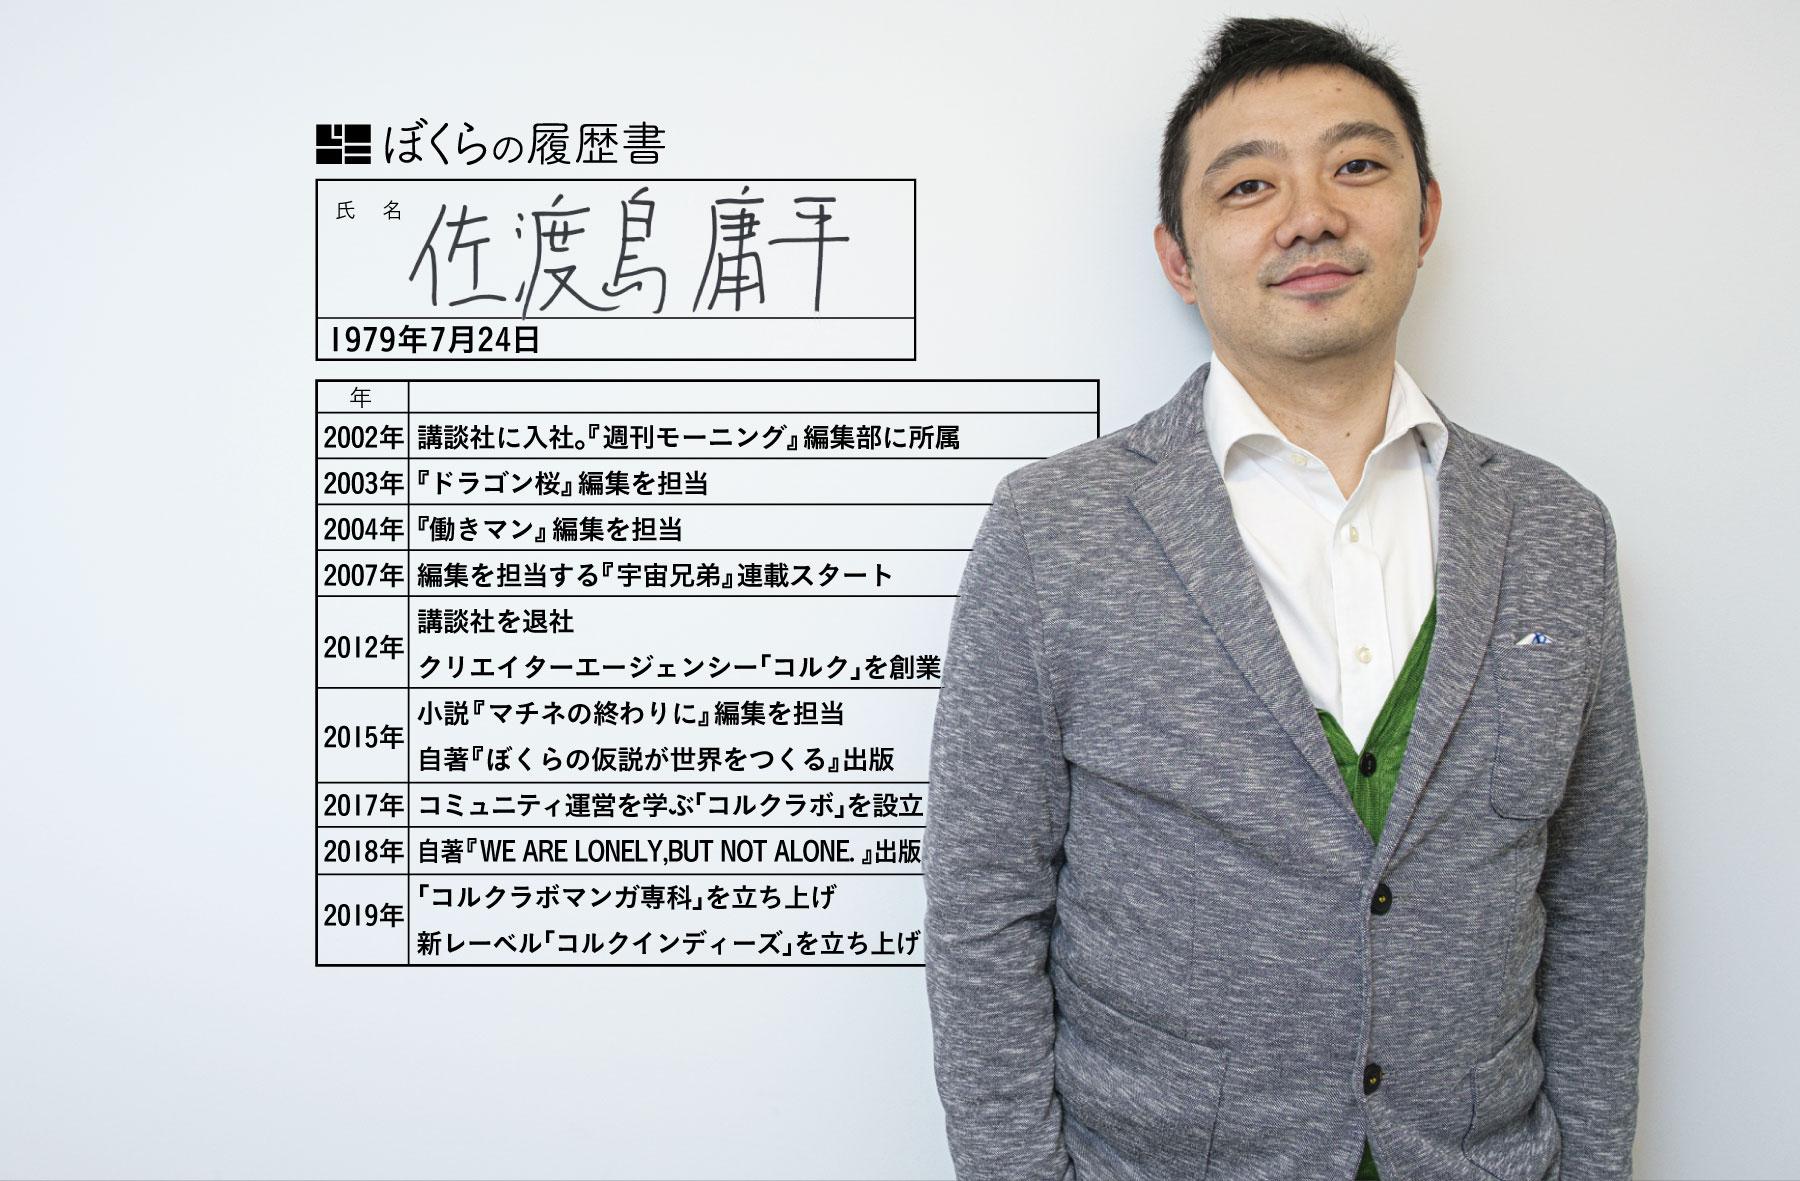 佐渡島庸平さんの履歴書画像